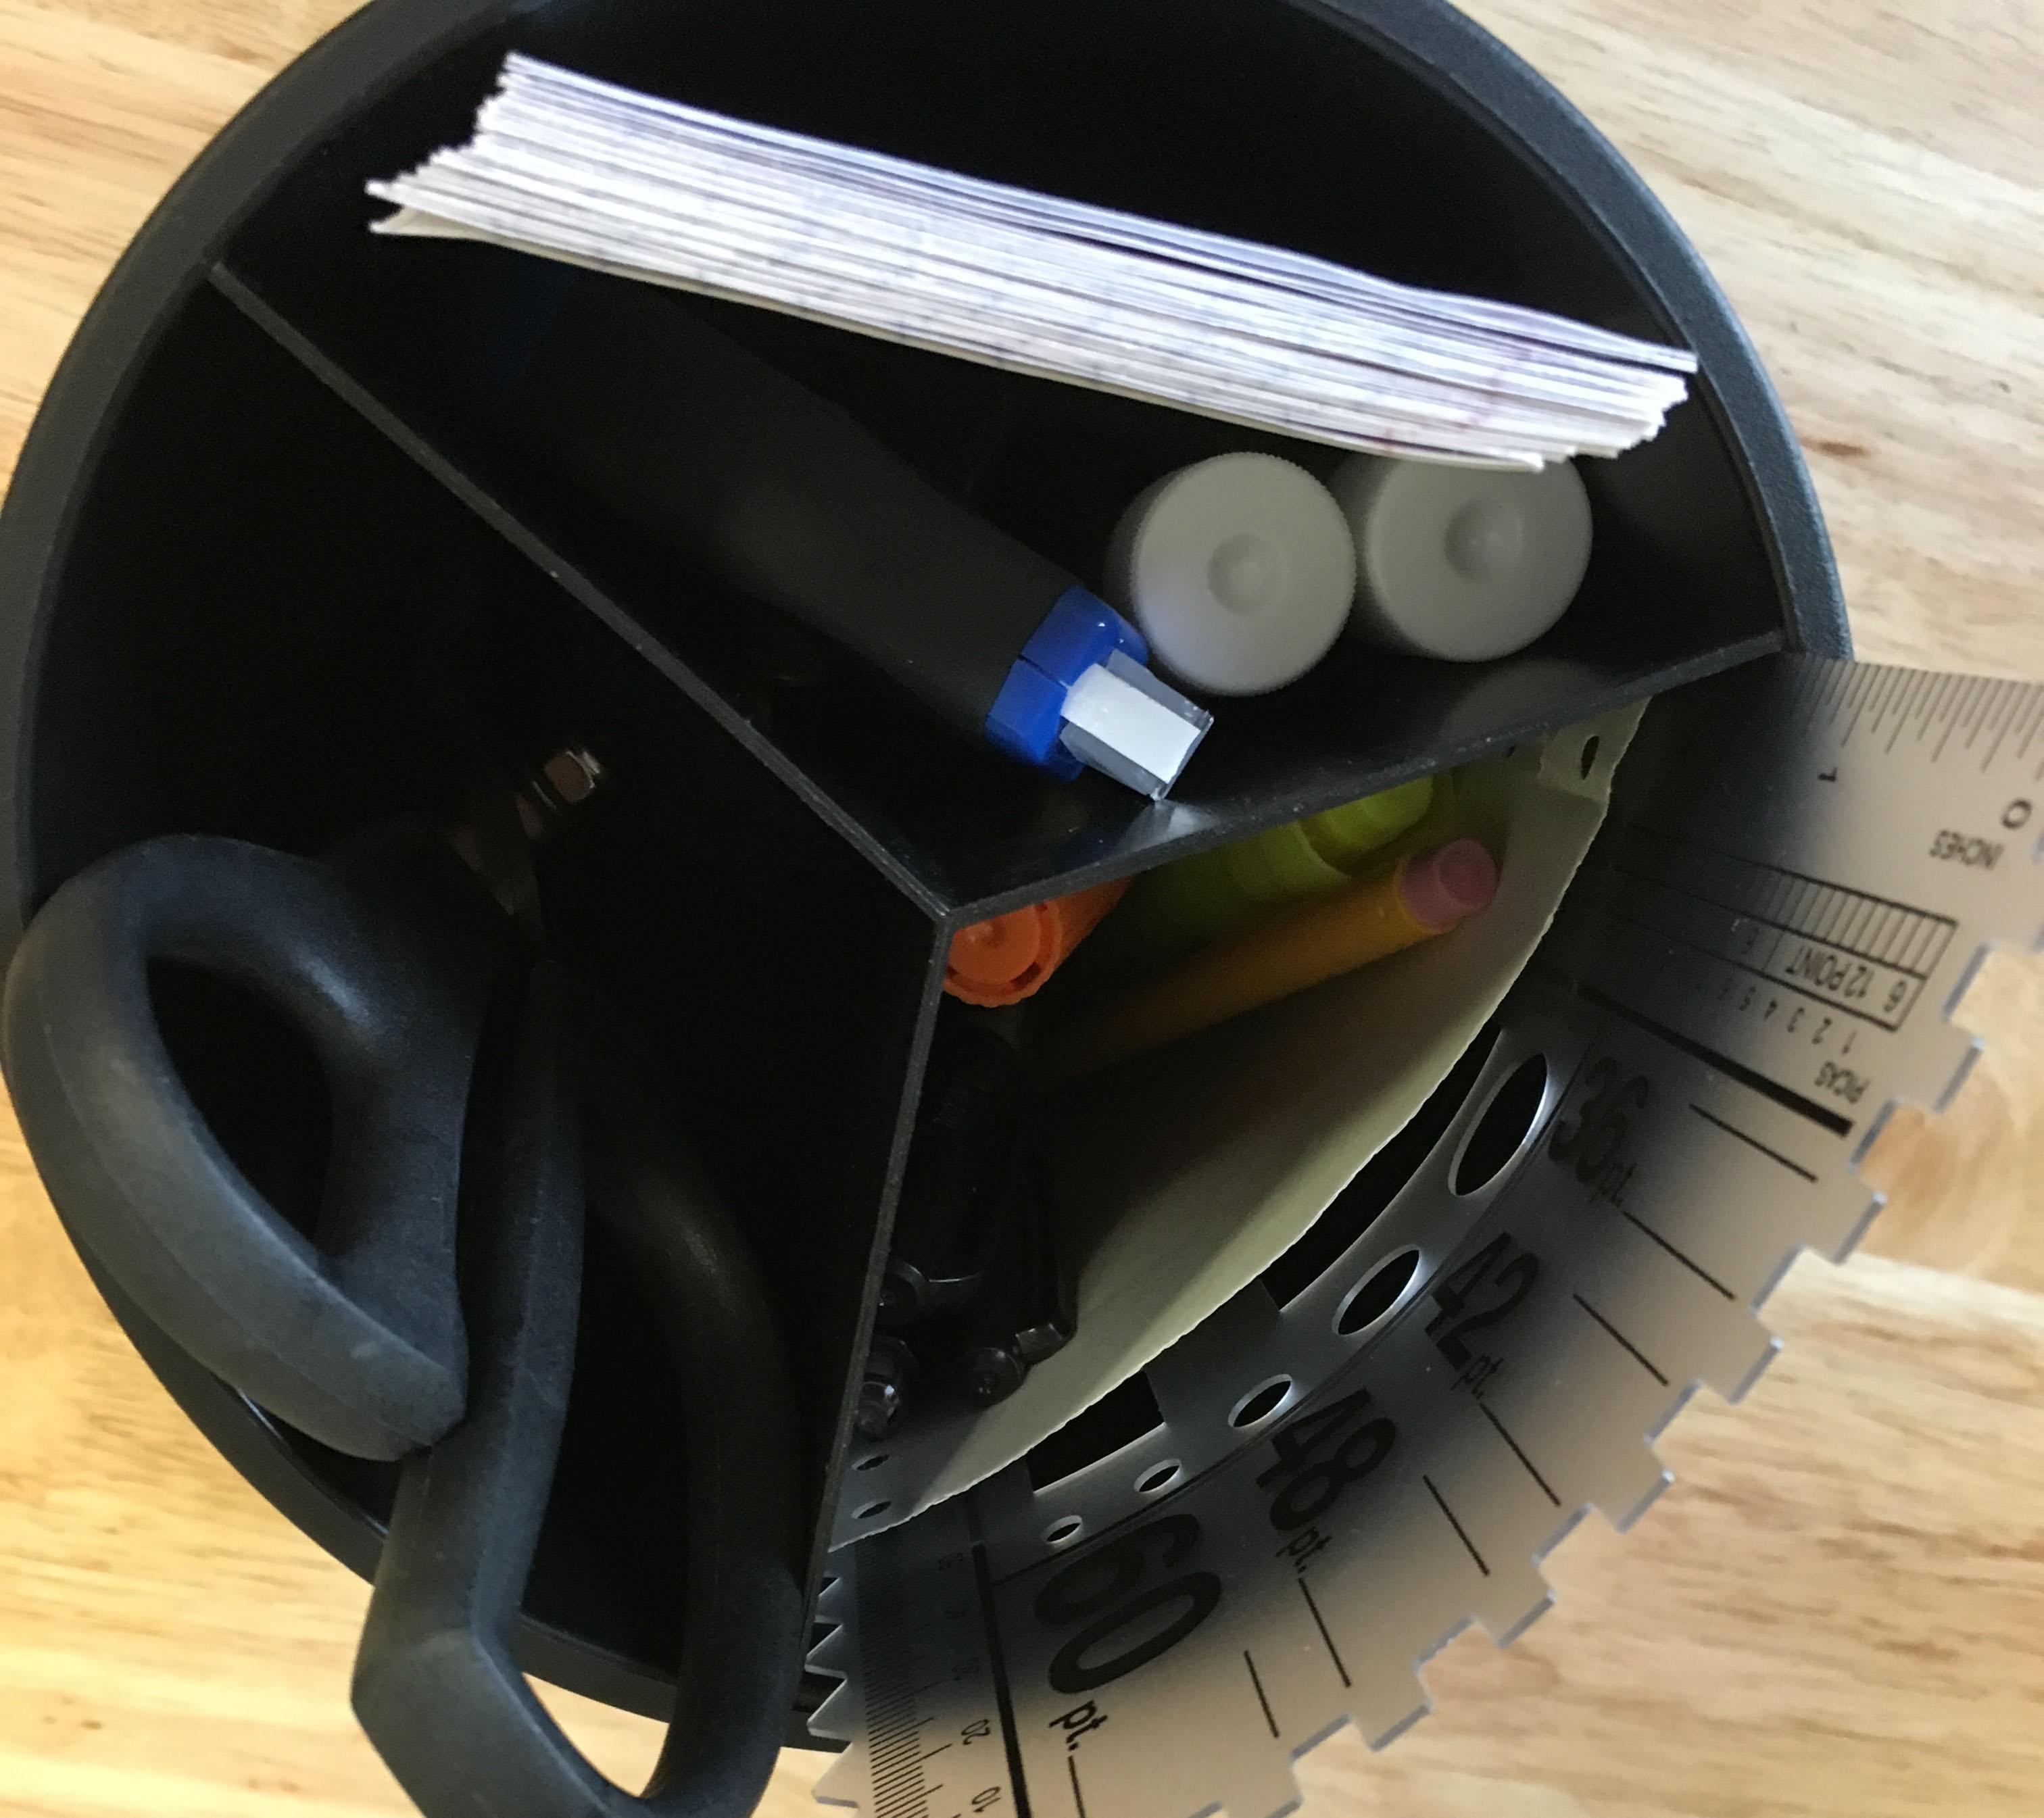 office supplies in Utensil Holder